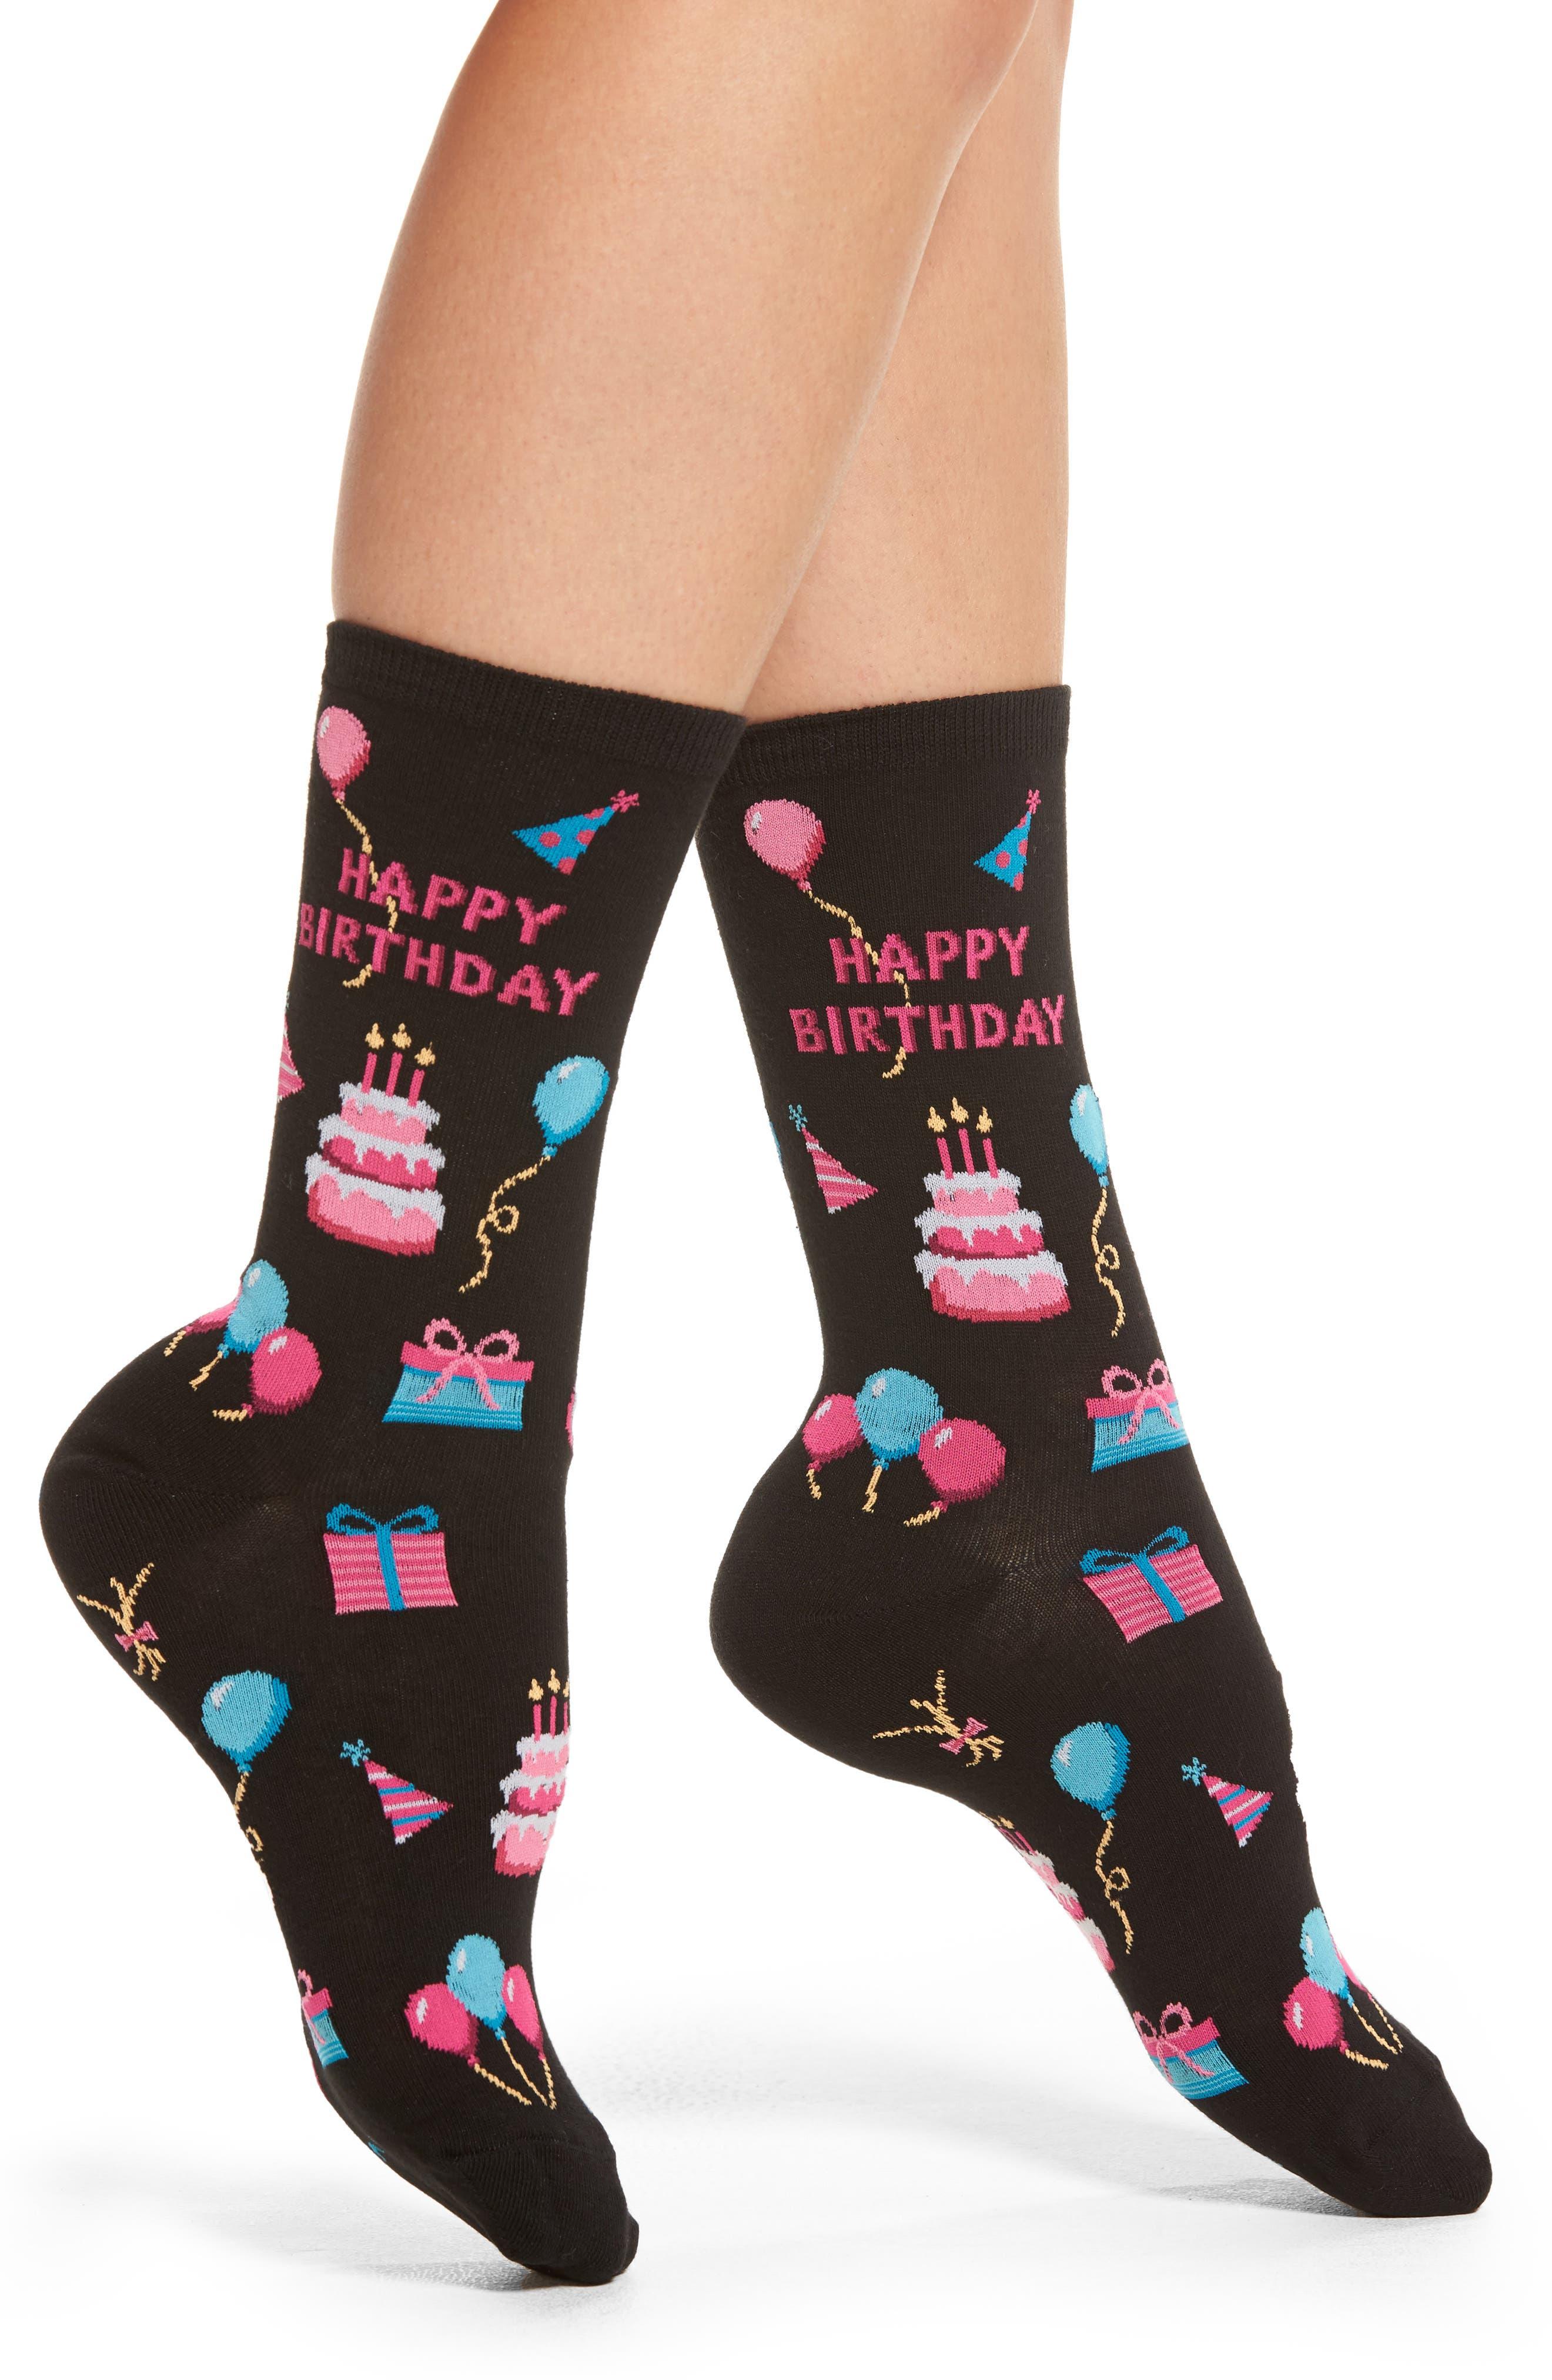 Hot Sox 'Happy Birthday' Socks (3 for $15)